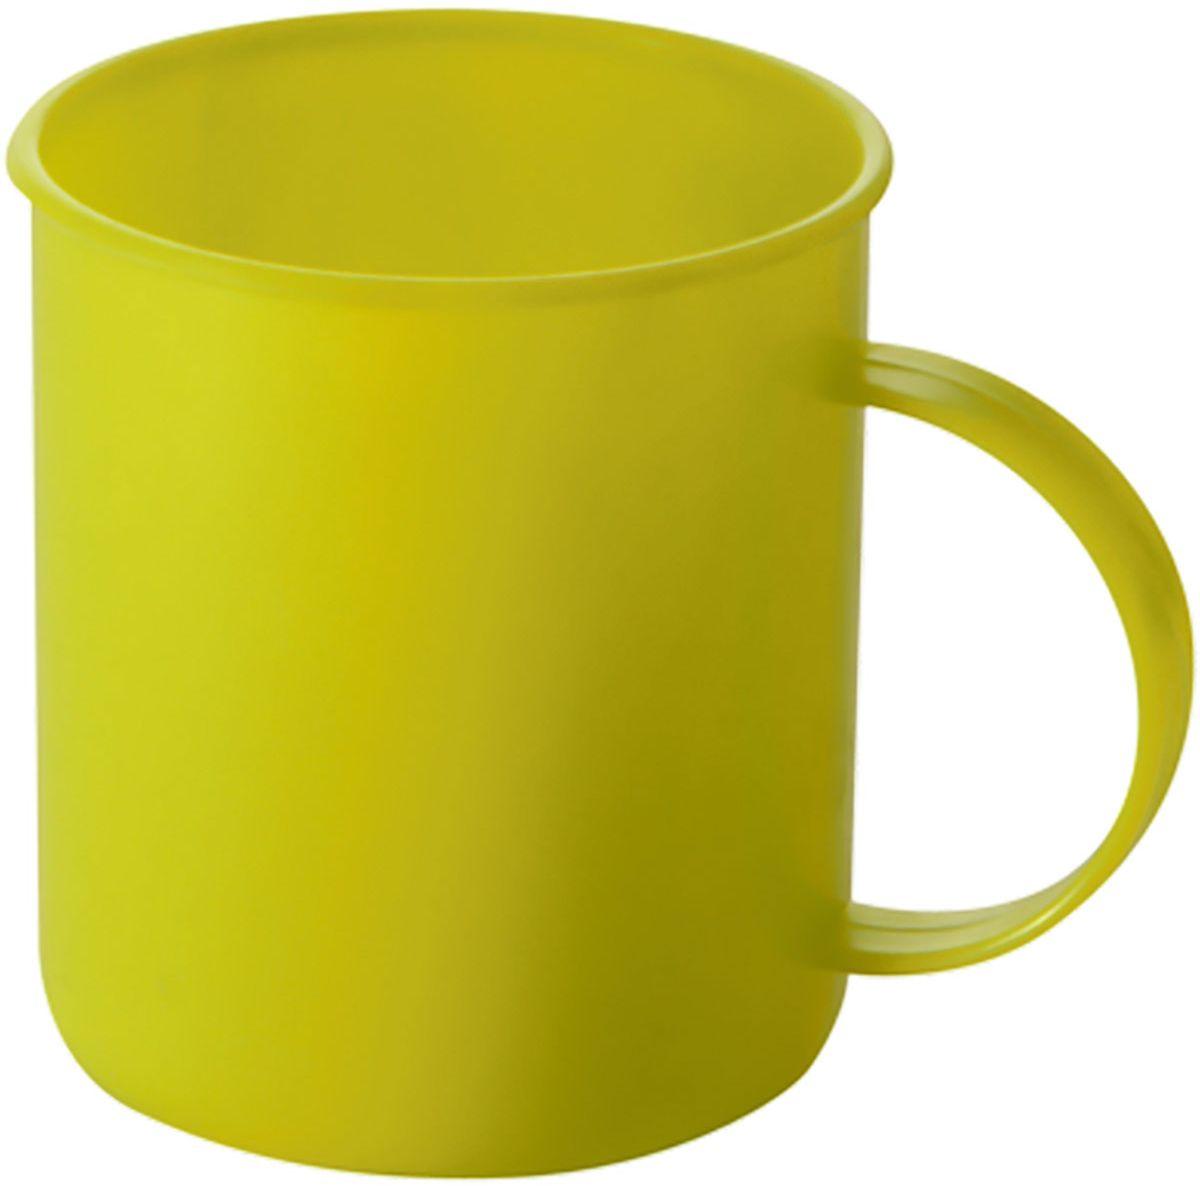 Кружка Plastic Centre Счастье, цвет: желтый, 300 мл391602Кружка Plastic Centre Счастье прекрасно подойдет для дачи, пикника или поездки в поезде. Легкую кружку удобно взять с собой на природу. Прочный пластик подходит для многократного использования.Объем кружки: 300 мл.Размер кружки: 10,5 x 7,8 см.